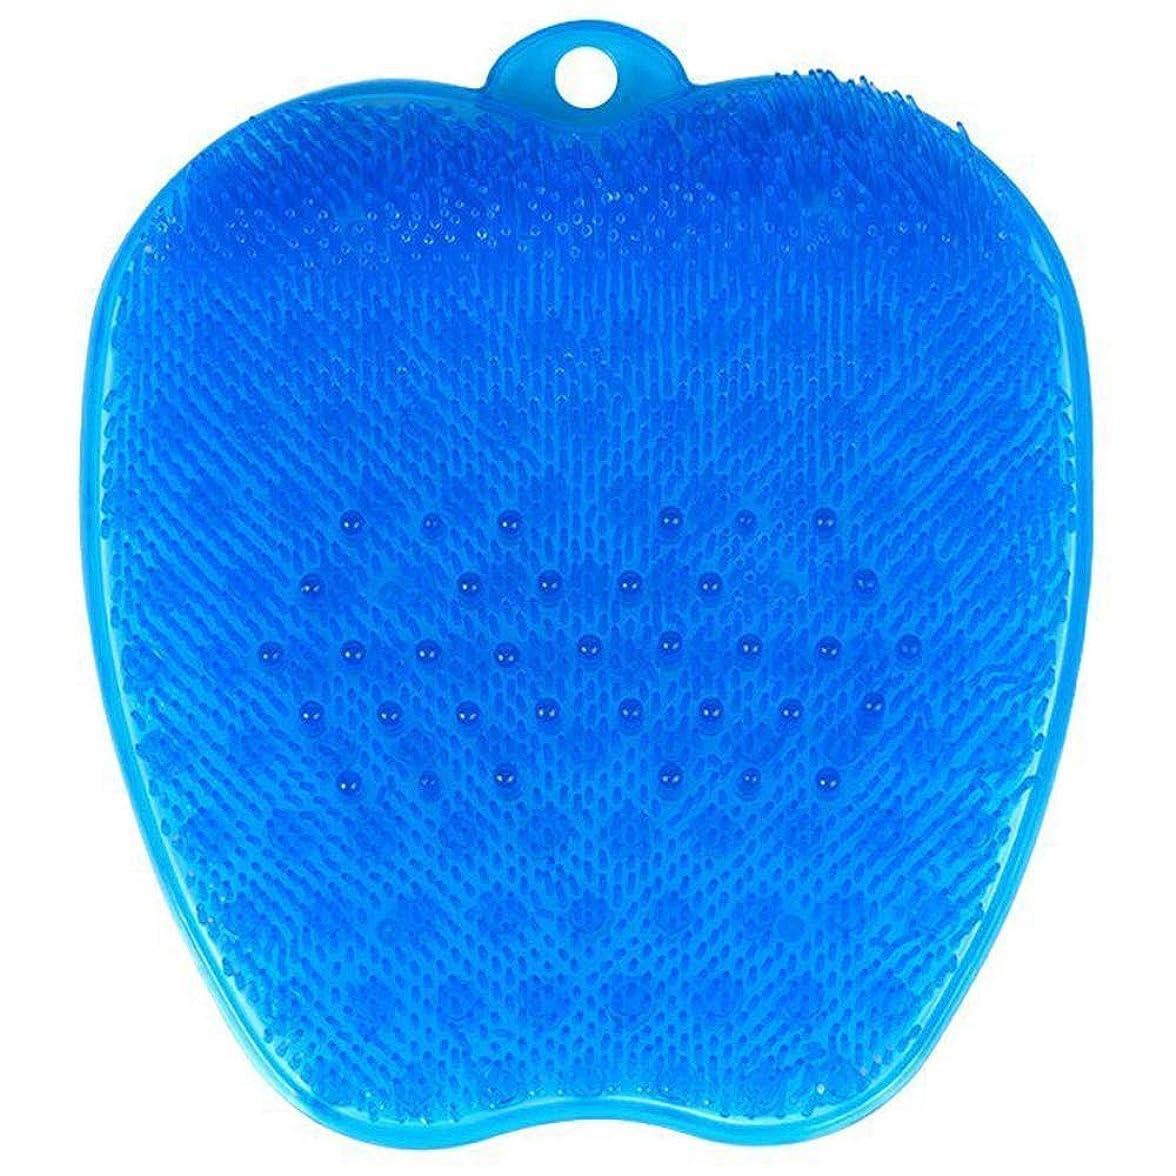 ストラップ例示する彼の足洗いブラシ 滑らない吸盤付き ブルー フットケア フットブラシ 角質ケアブラシ お風呂で使える